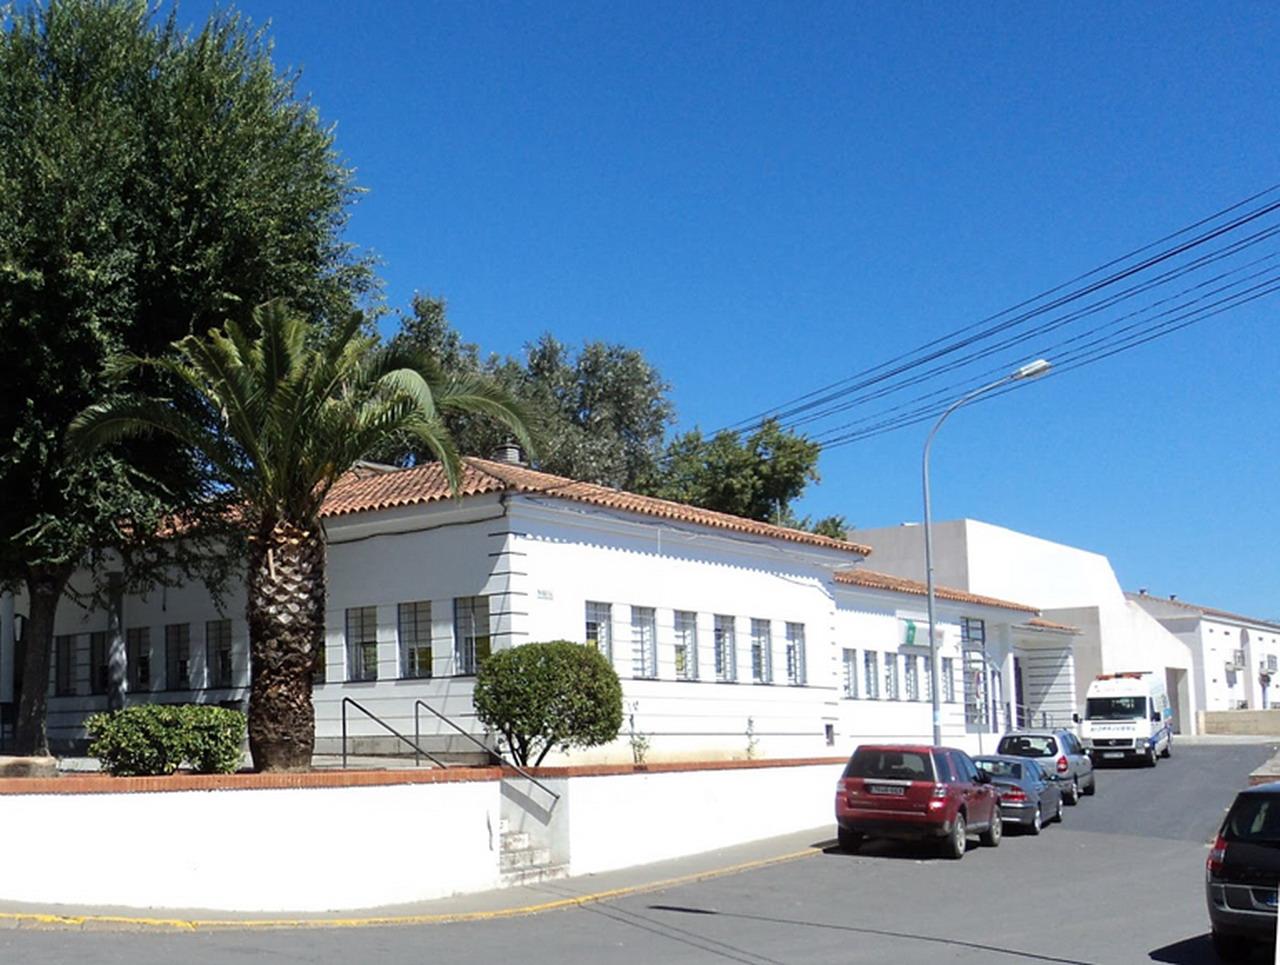 Suspenden la actividad presencial en el centro de salud de Cartaya (Huelva) por un brote de covid entre los trabajadores